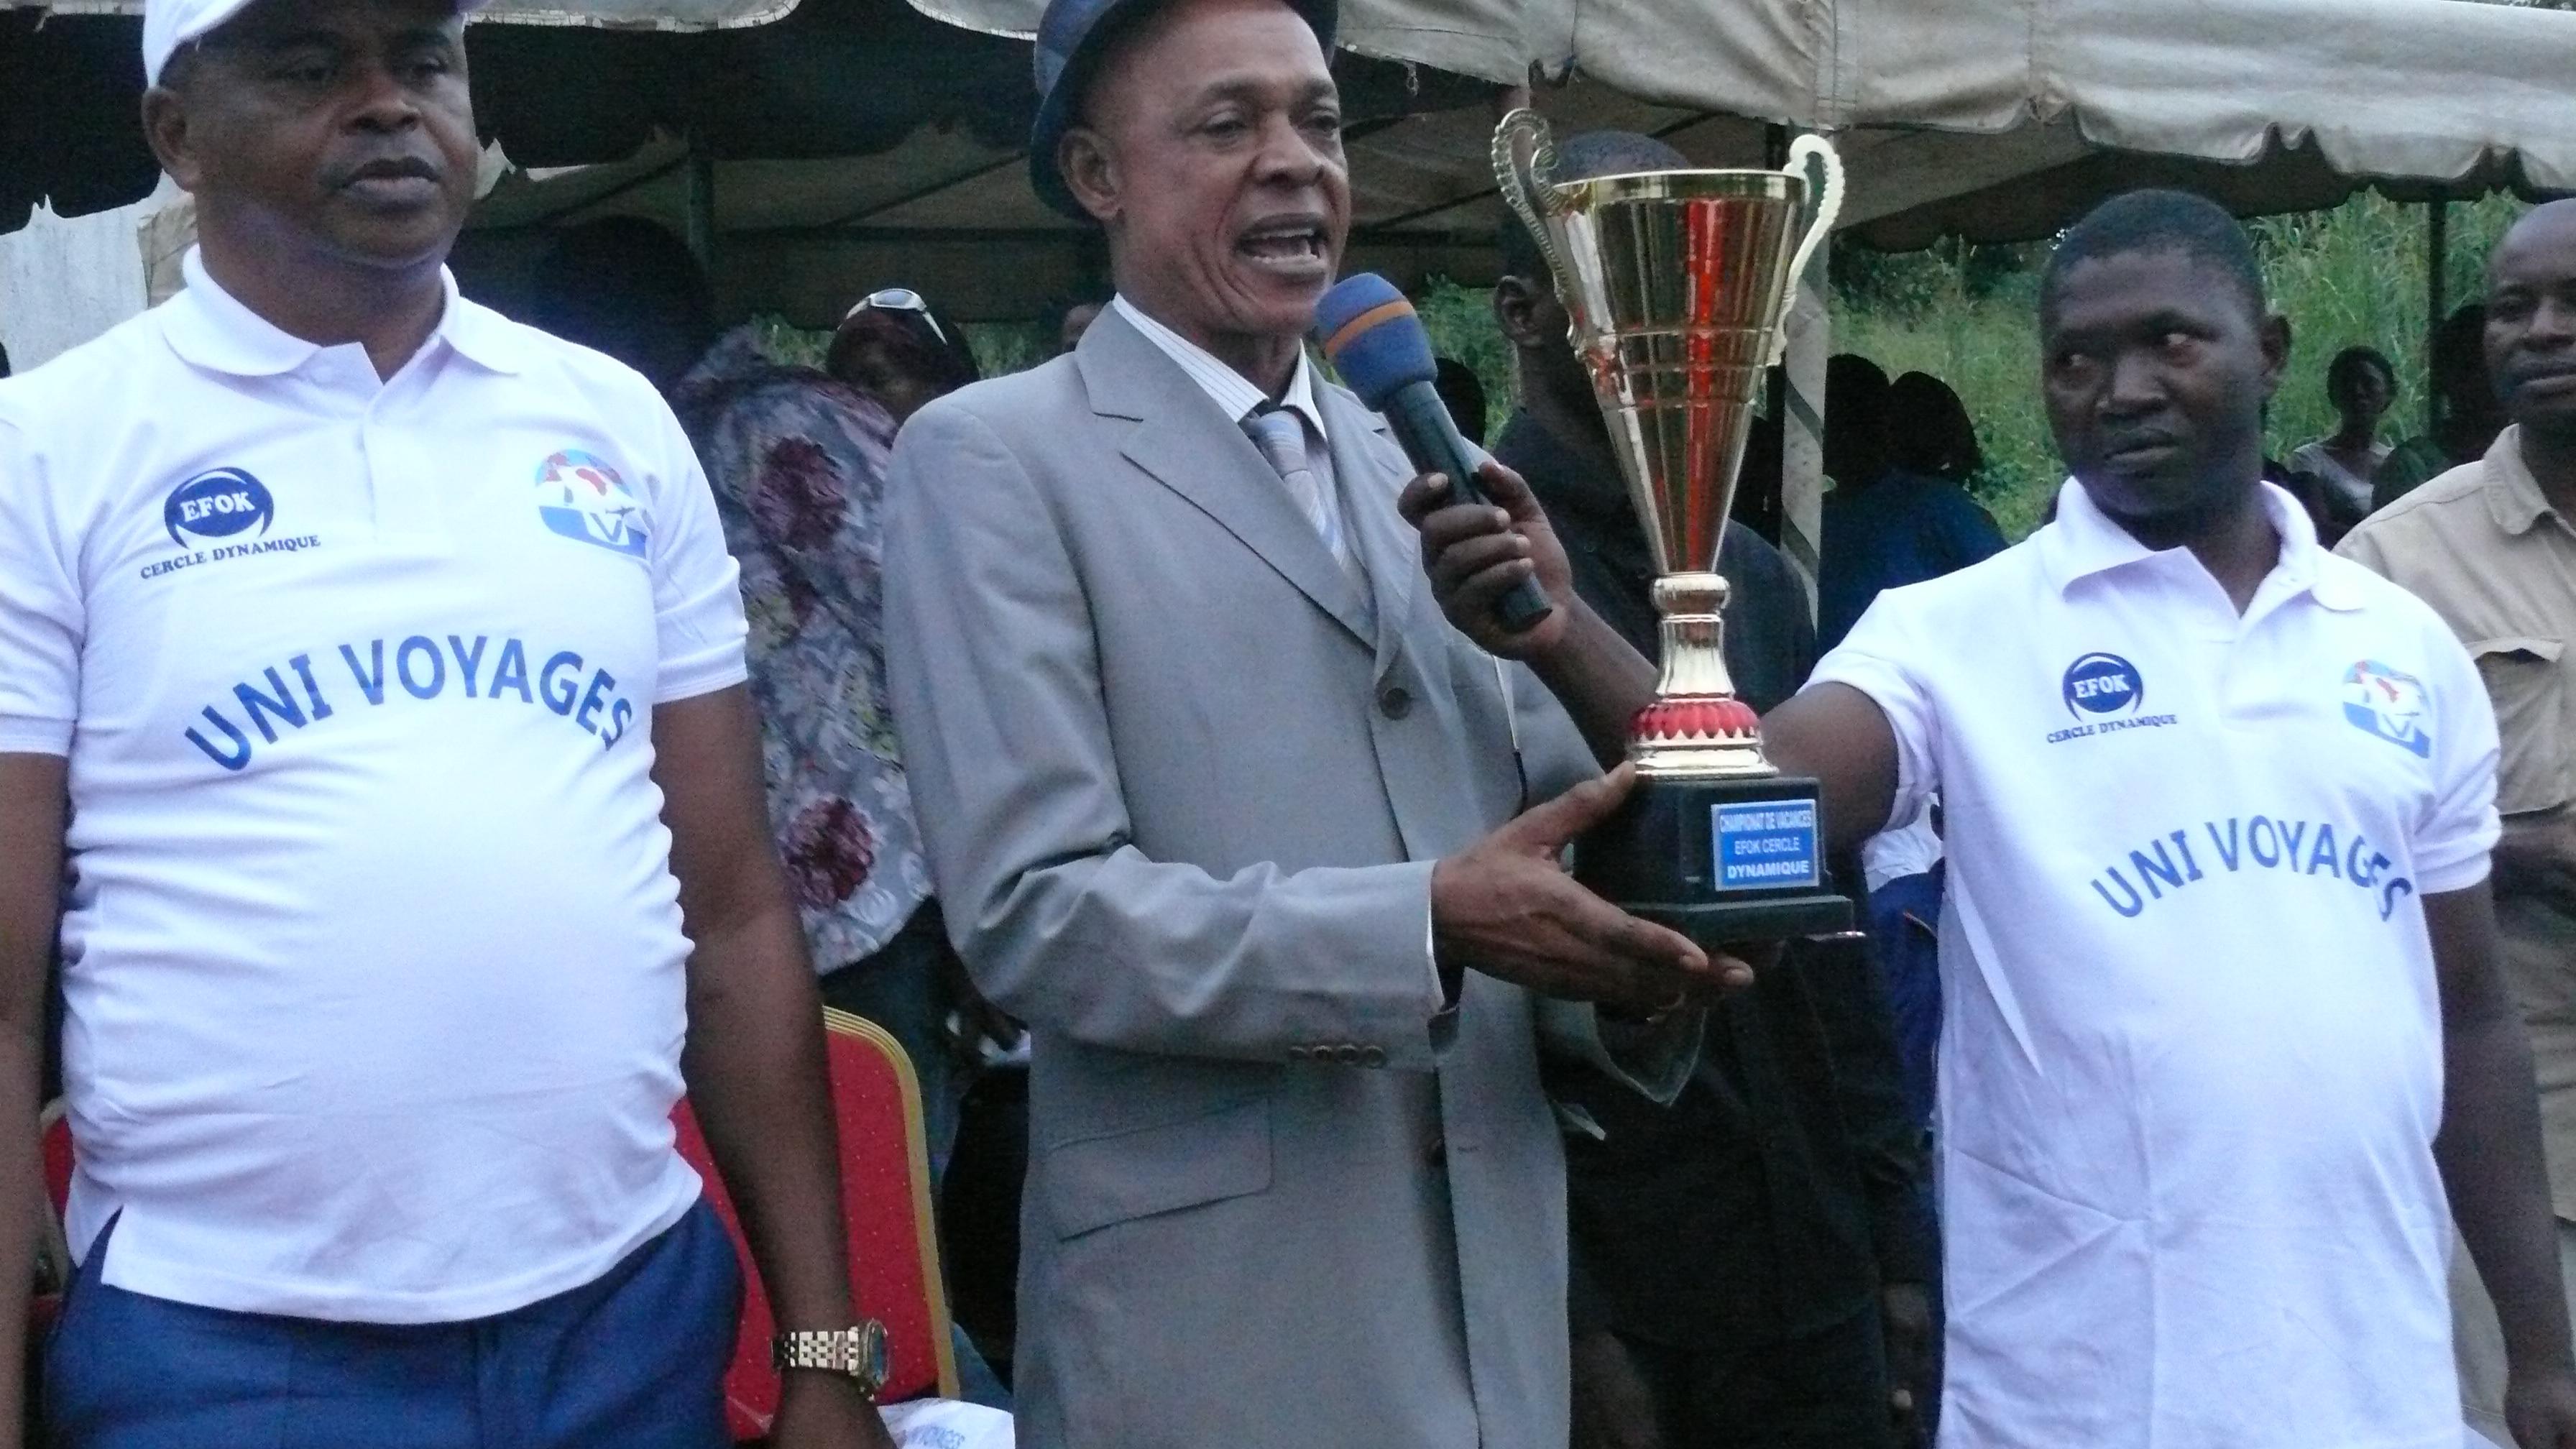 Le président Mbassi remettant le trophée.